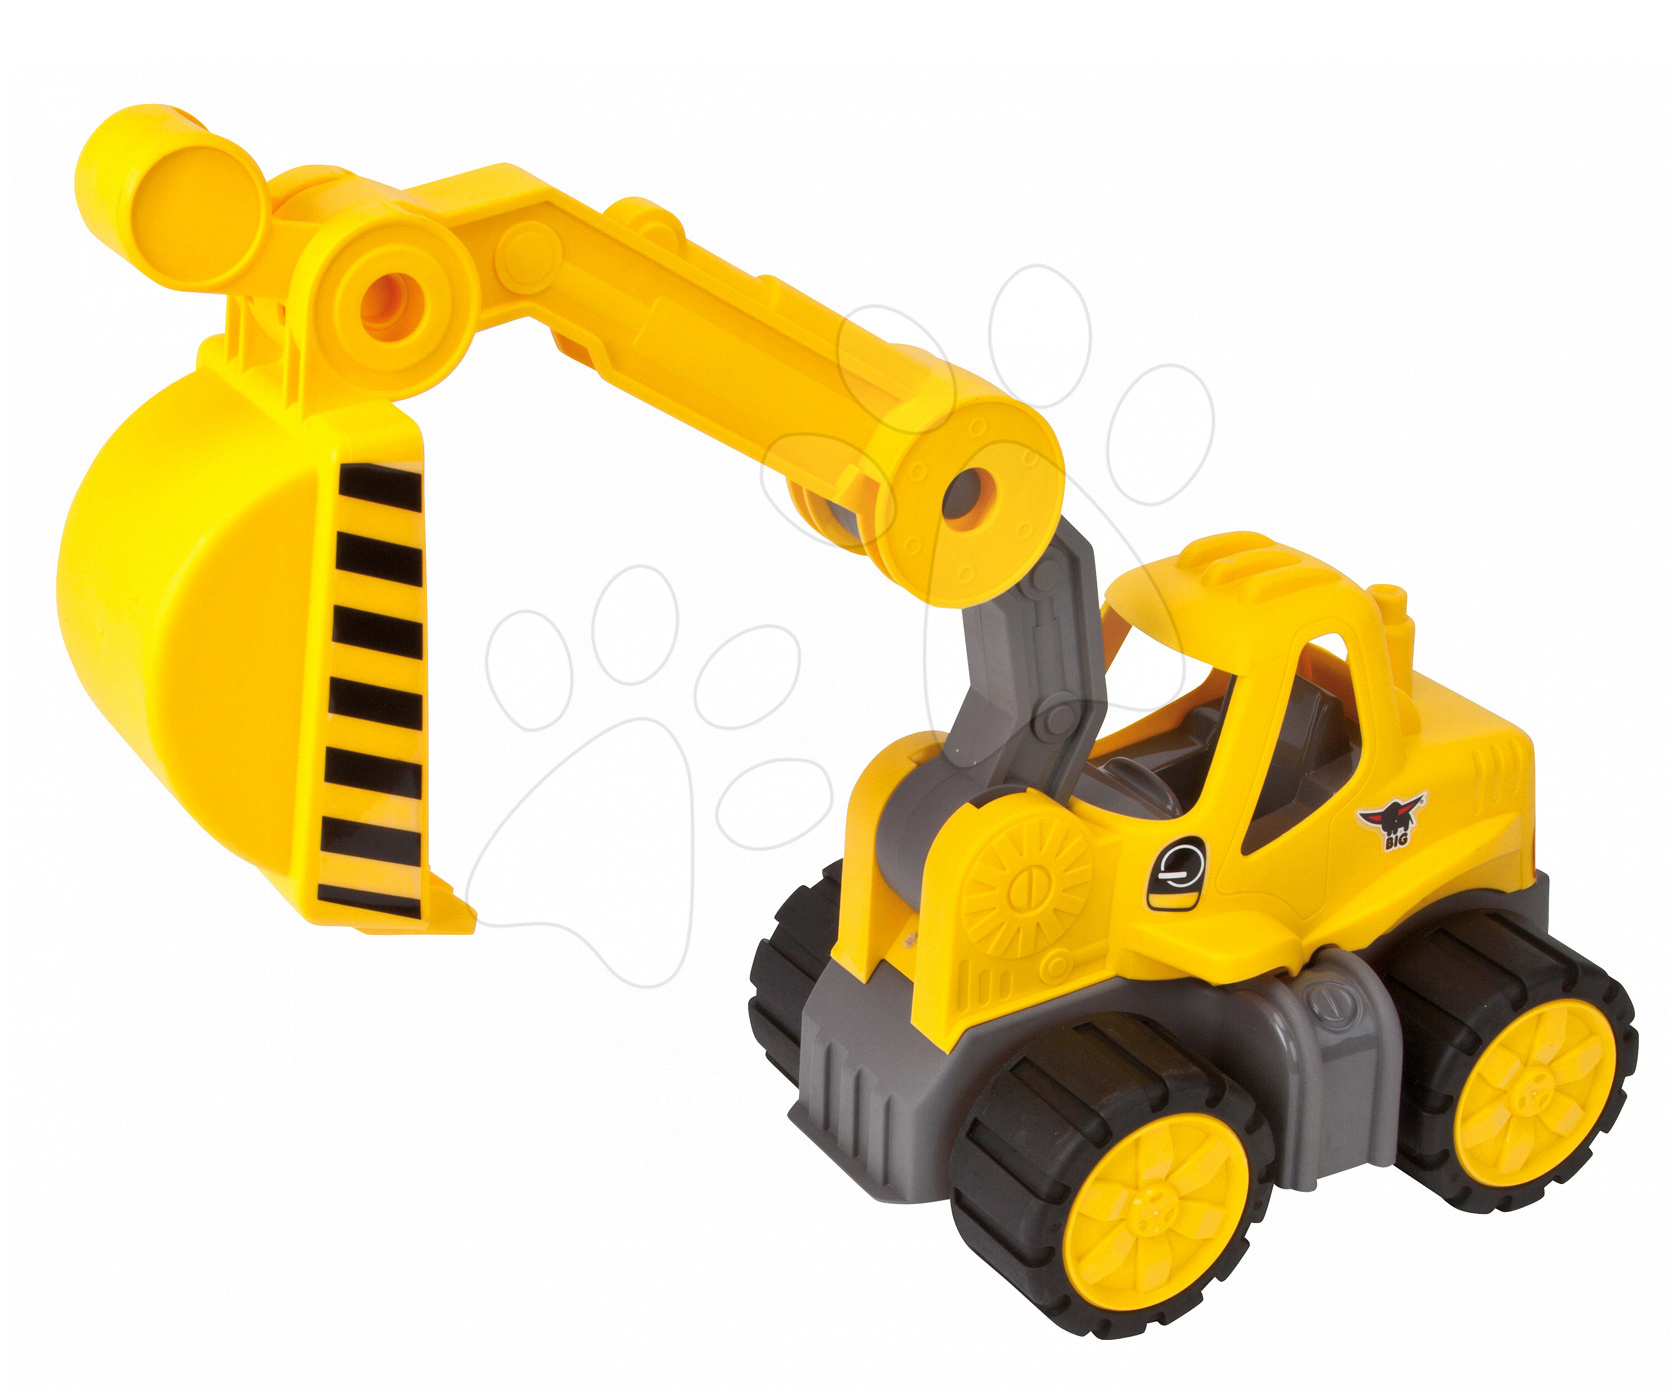 Bagr Power BIG velký pracovní stroj délka 67 cm žlutý od 24 měsíců